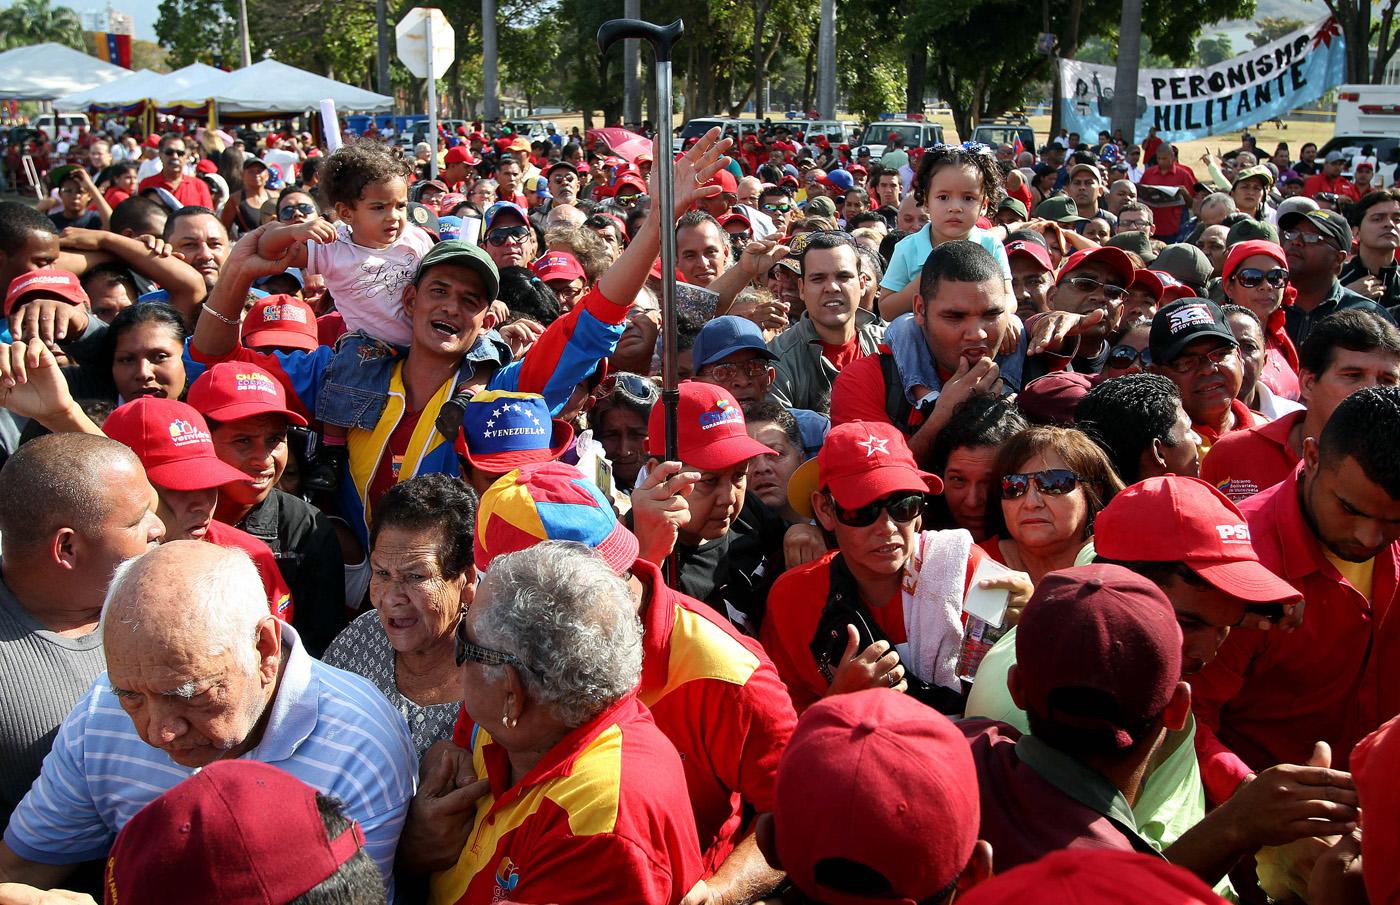 MILES DE PERSONAS AGUARDAN EN FILA PARA LLEGAR AL F�RETRO DE CHÁVEZ